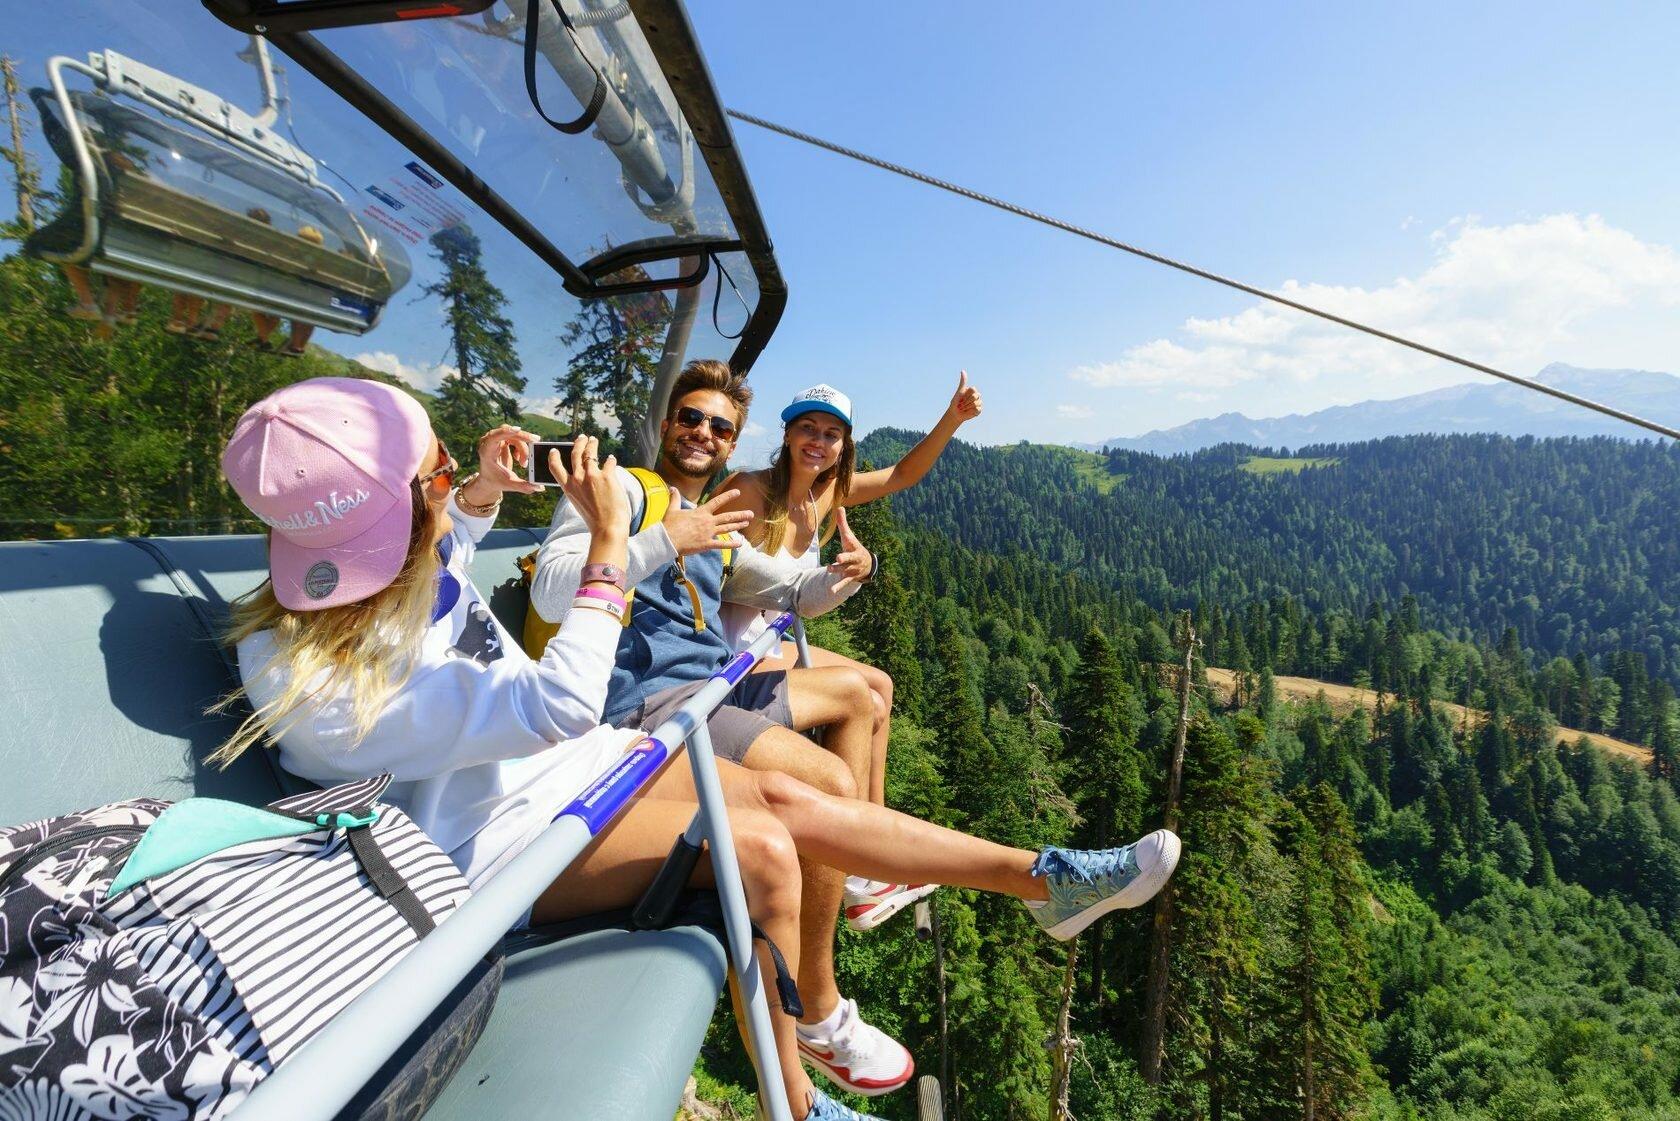 Только представьте, как круто вы проведете свой отпуск!